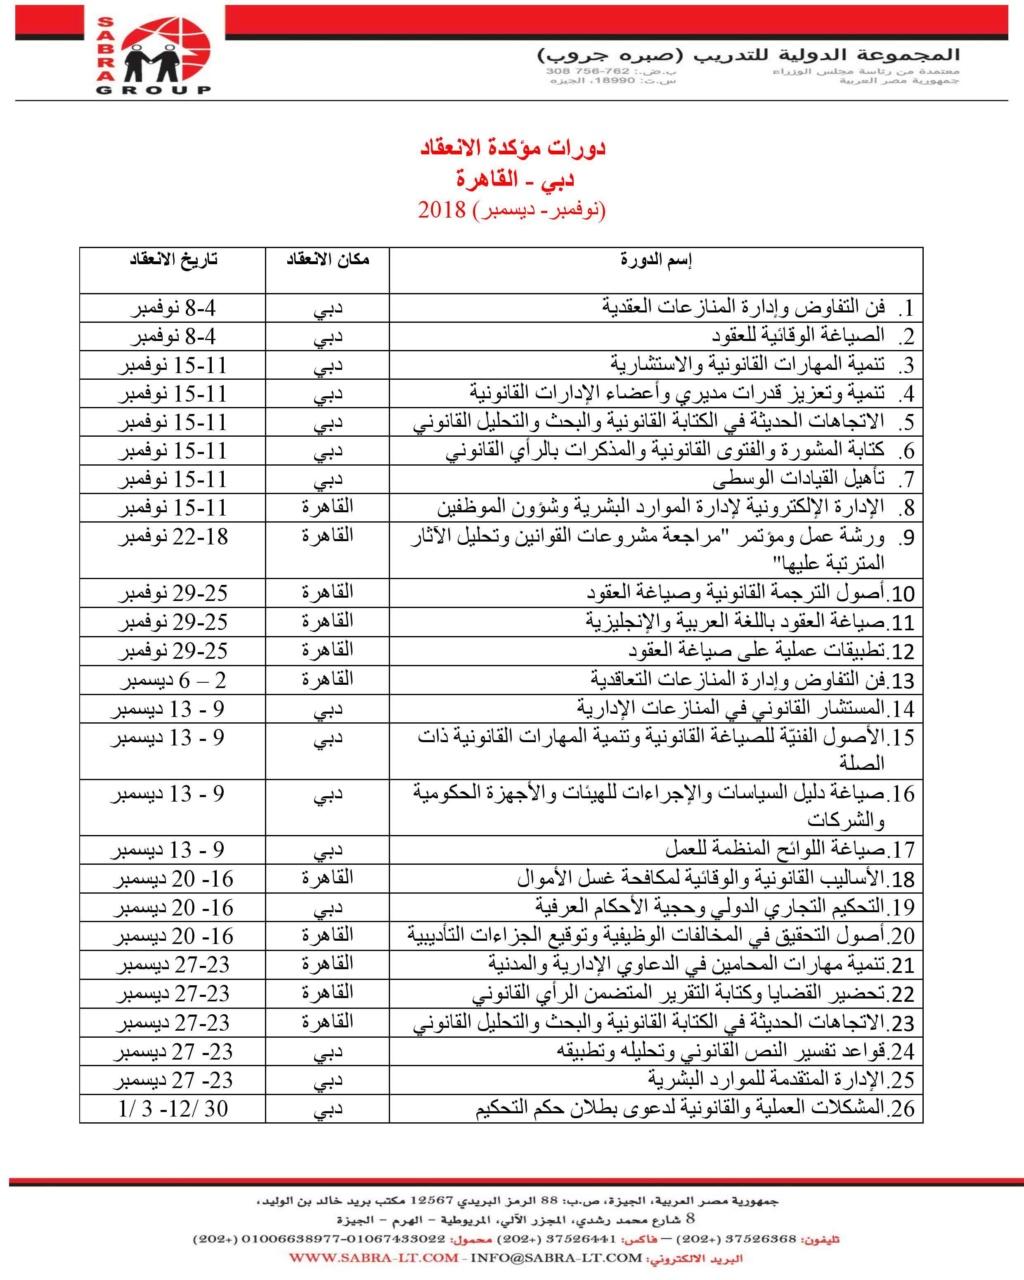 دورات مؤكدة الانعقاد في القاهرة ودبي Cairo-13